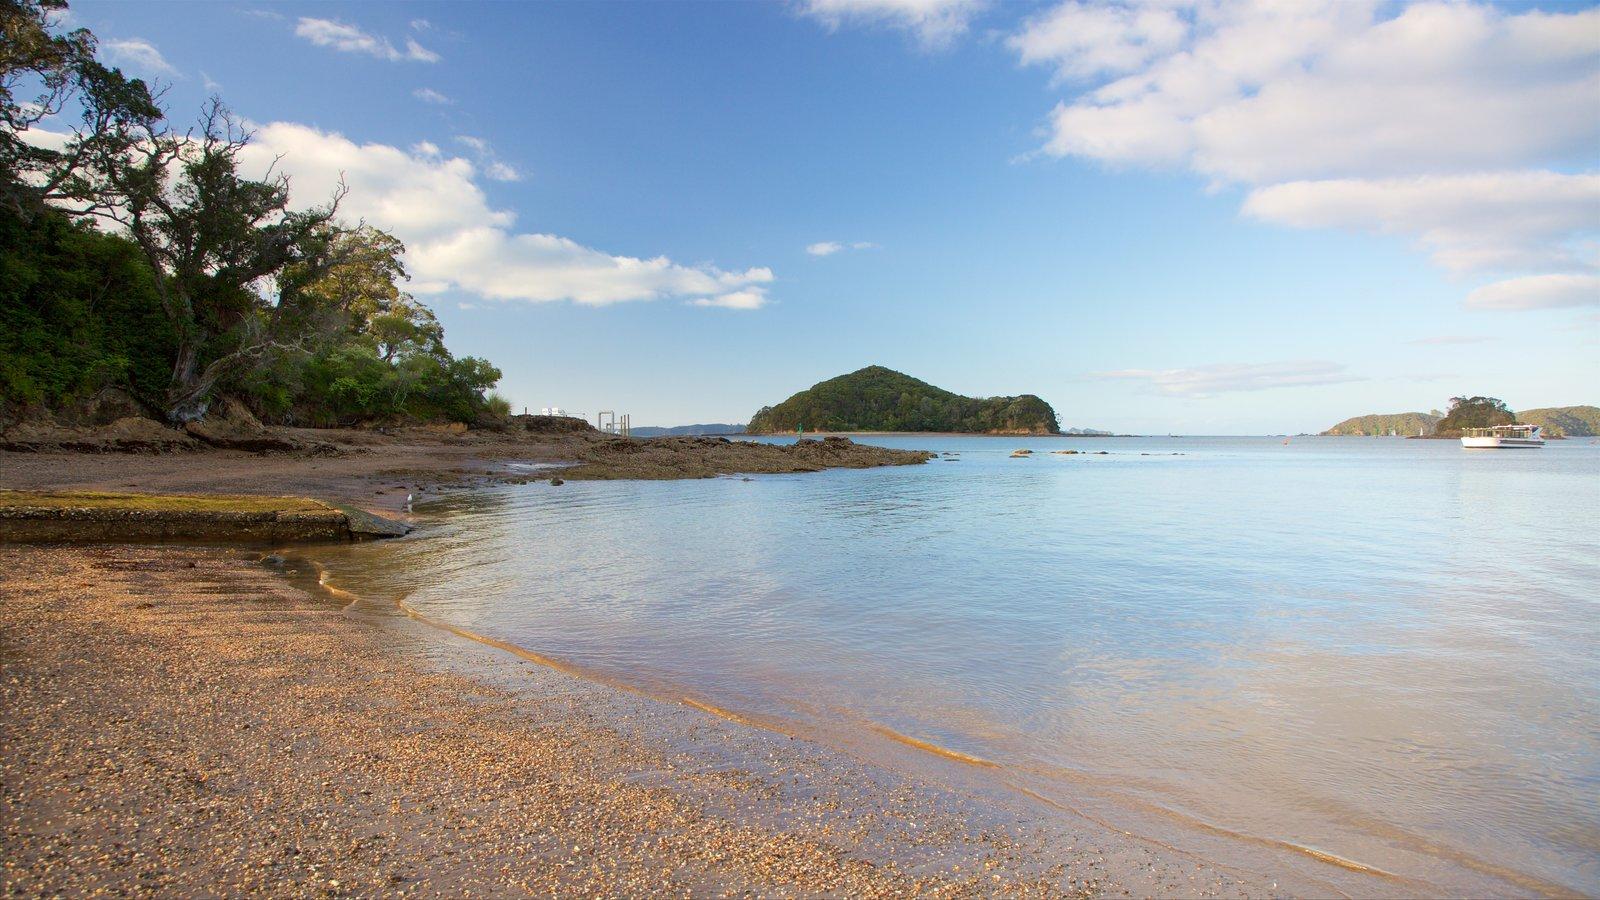 Paihia Beach que incluye una playa de guijarros y una bahía o puerto